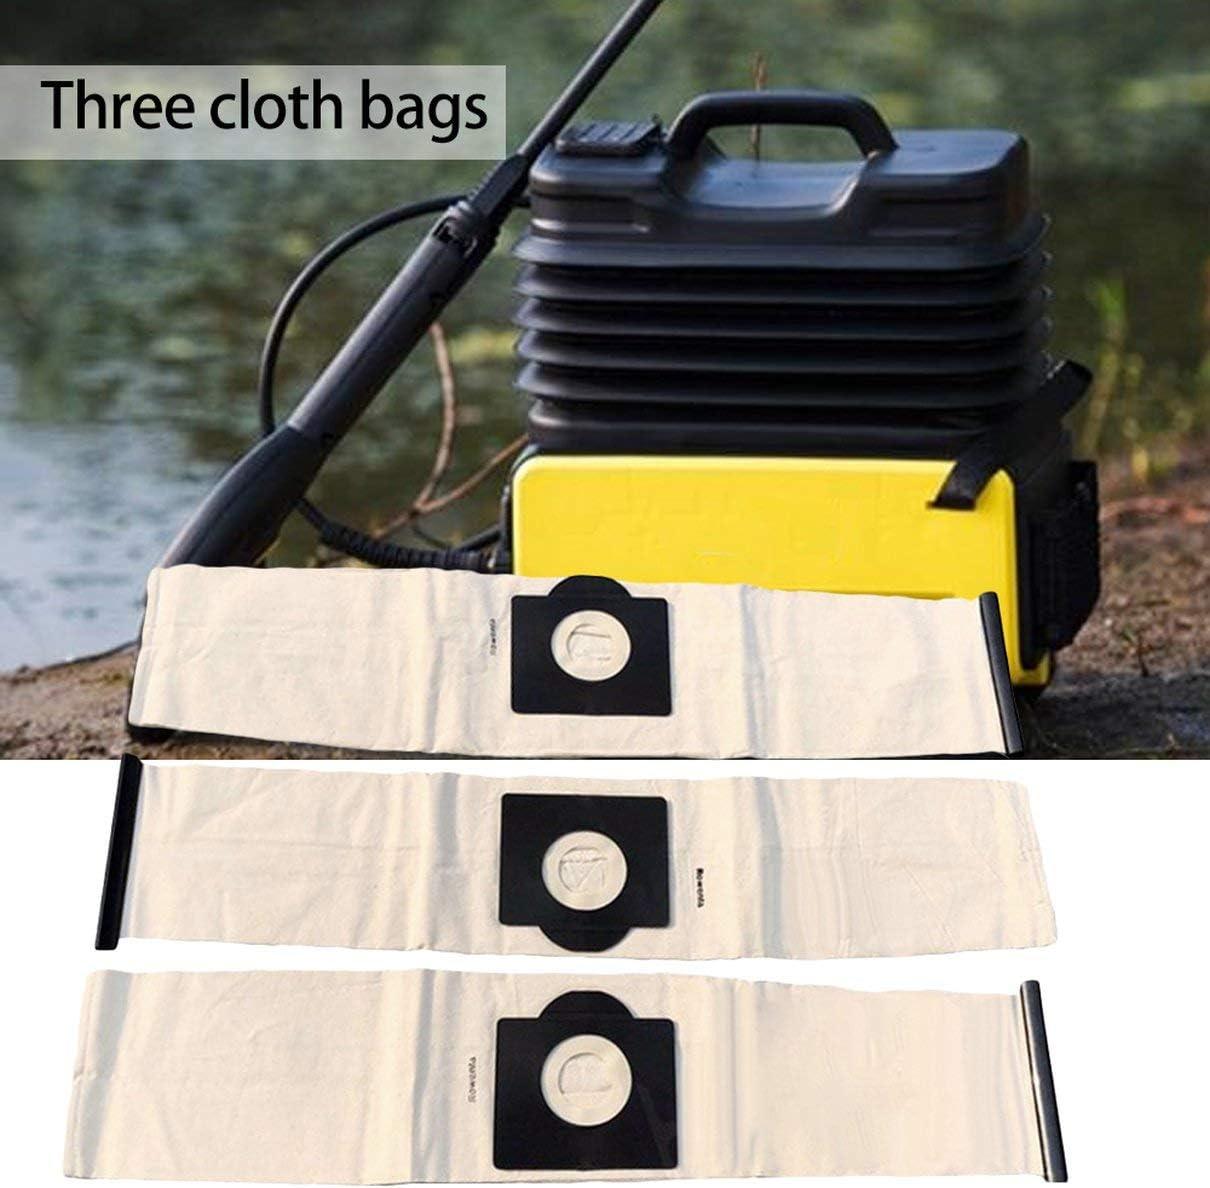 Bolsas de Tela Multiusos para aspiradora Karcher Wd3 Wd3300 Wd3 ...